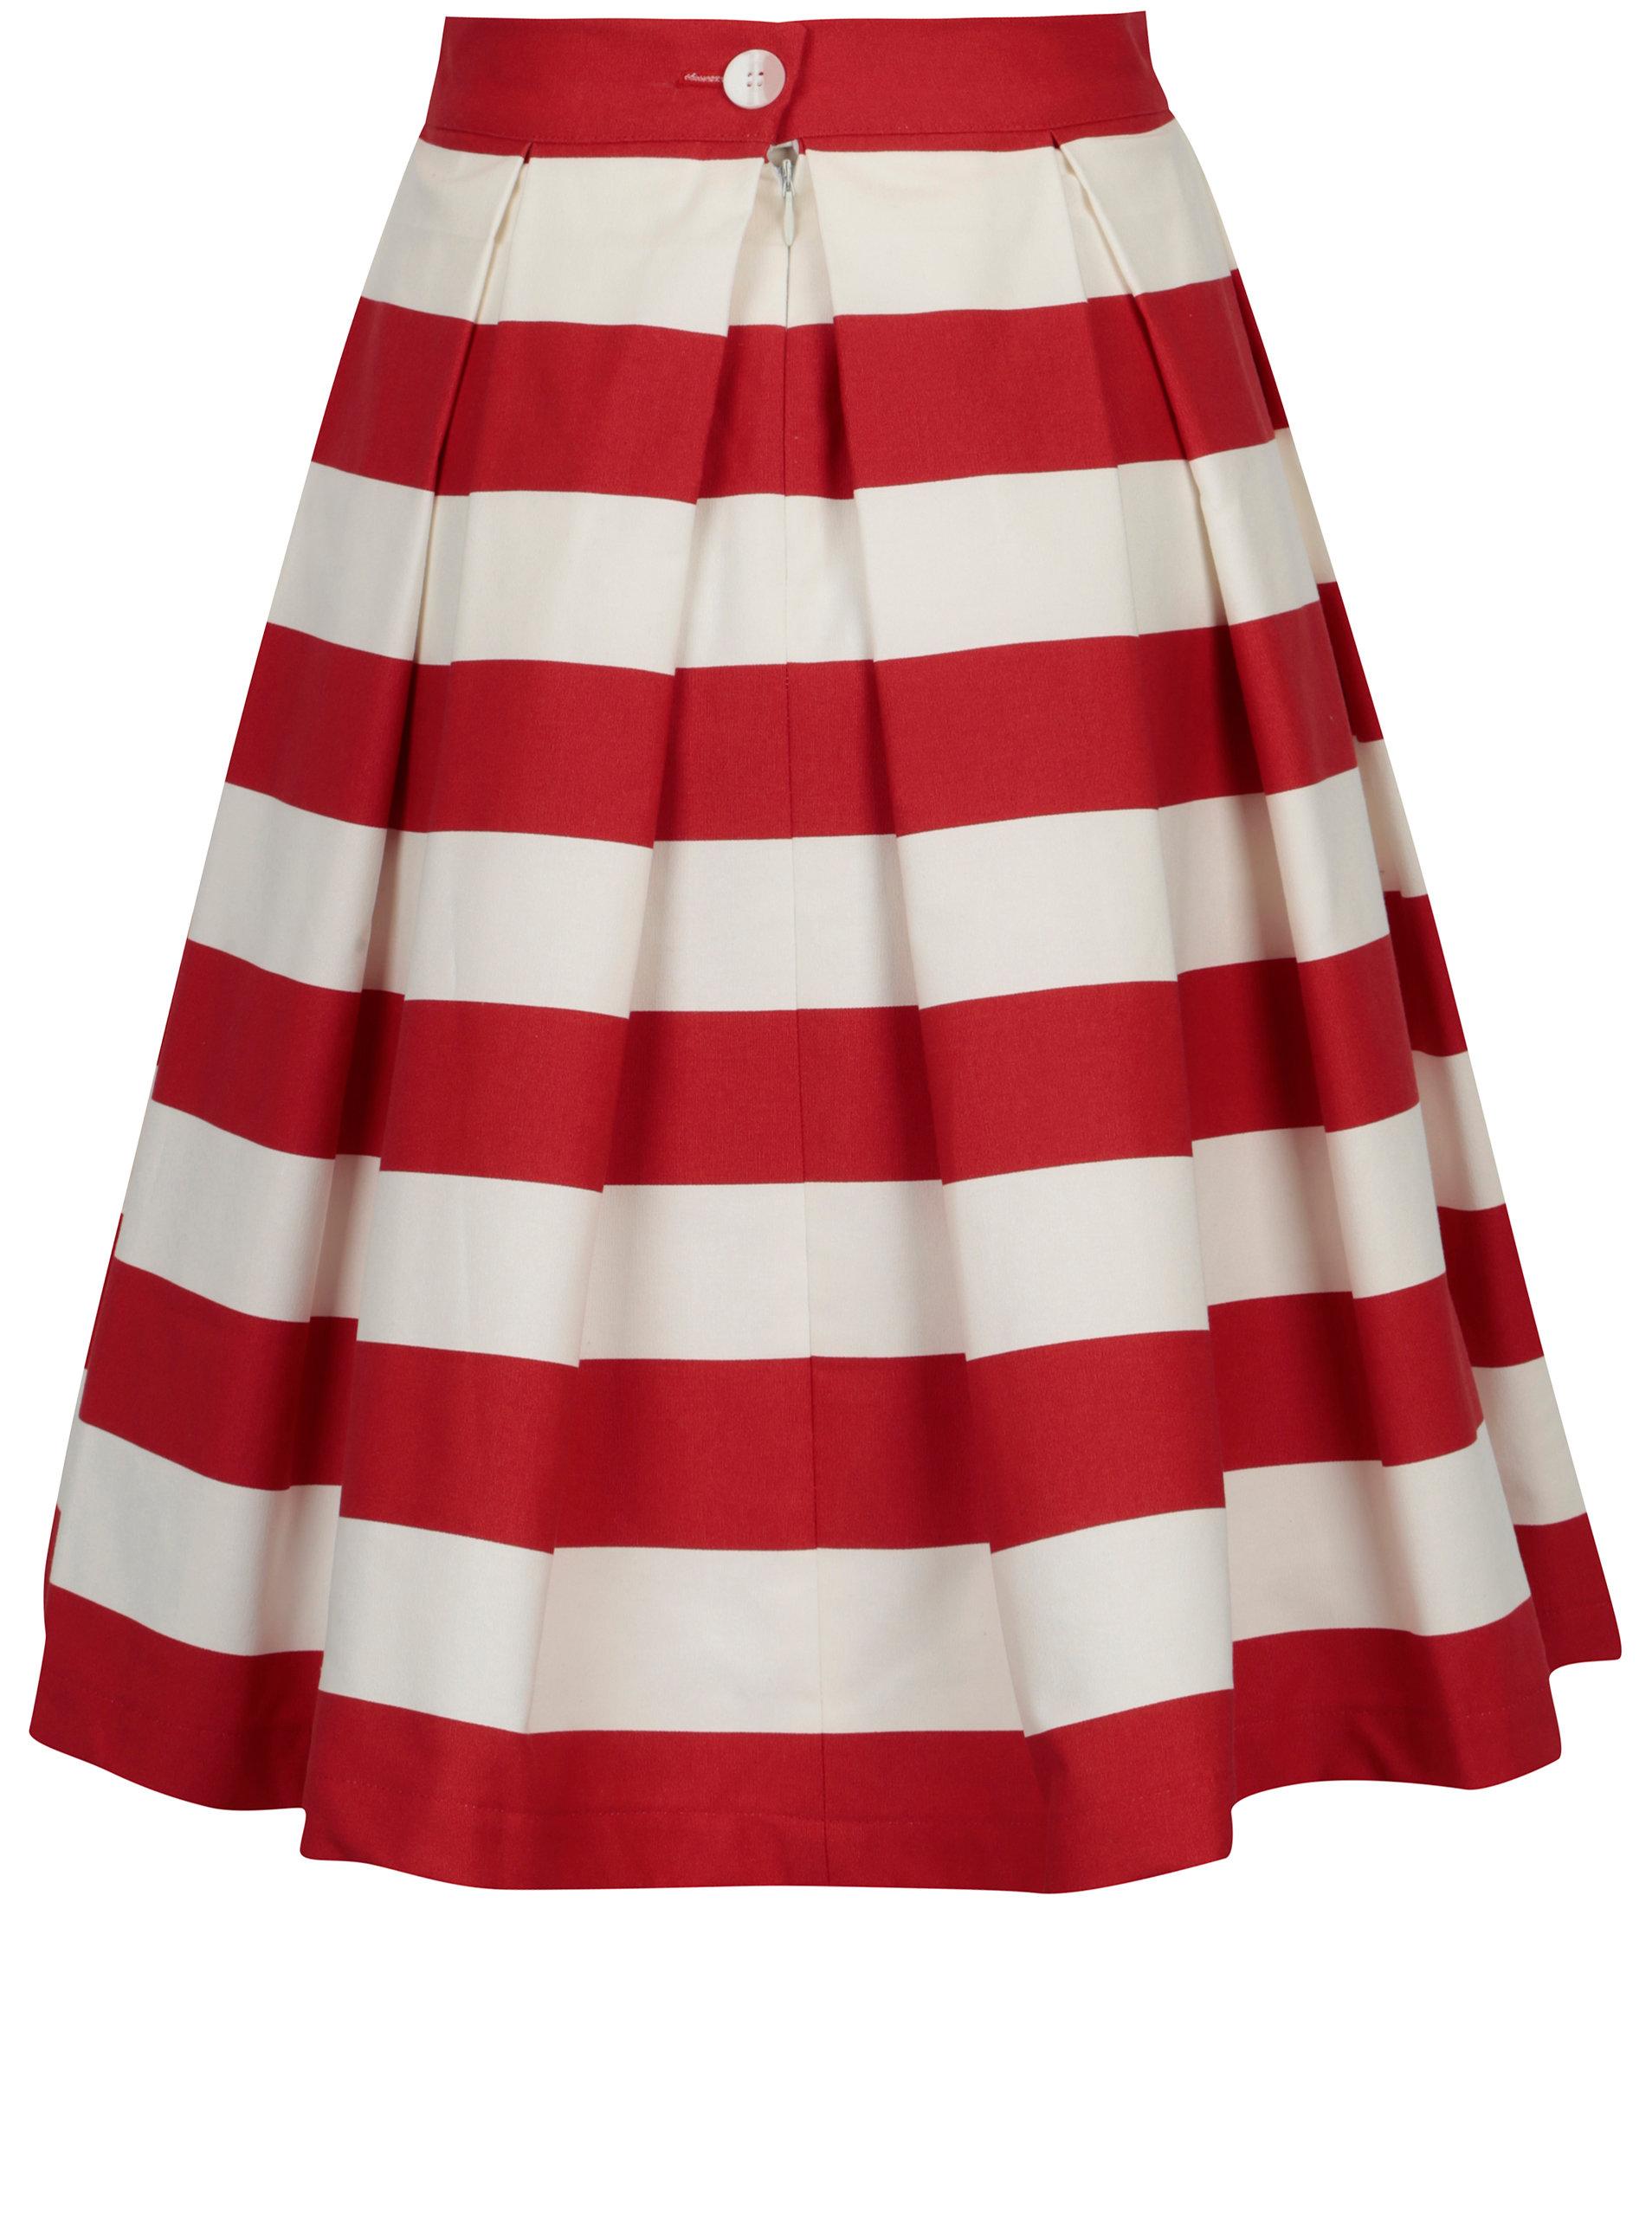 97d4f4871d62 Červeno-krémová pruhovaná kolová sukně MONLEMON Navy Red ...